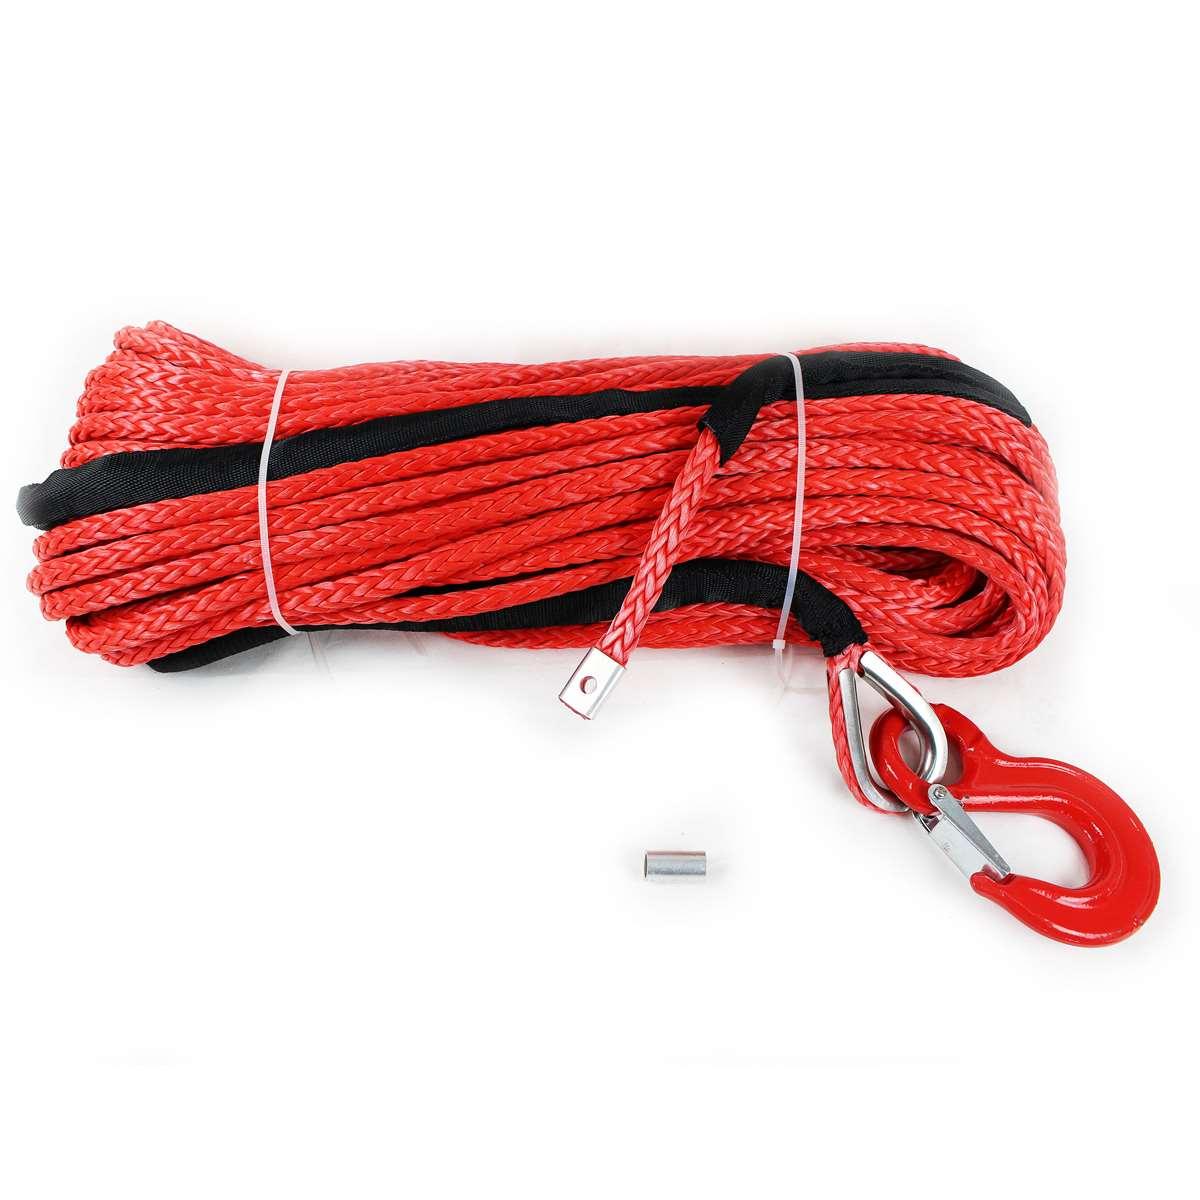 ウインチなど交換用 フック付きシンセティックロープ レッド 10.0mm x 50m 耐荷重 13800LBS (6250kg)